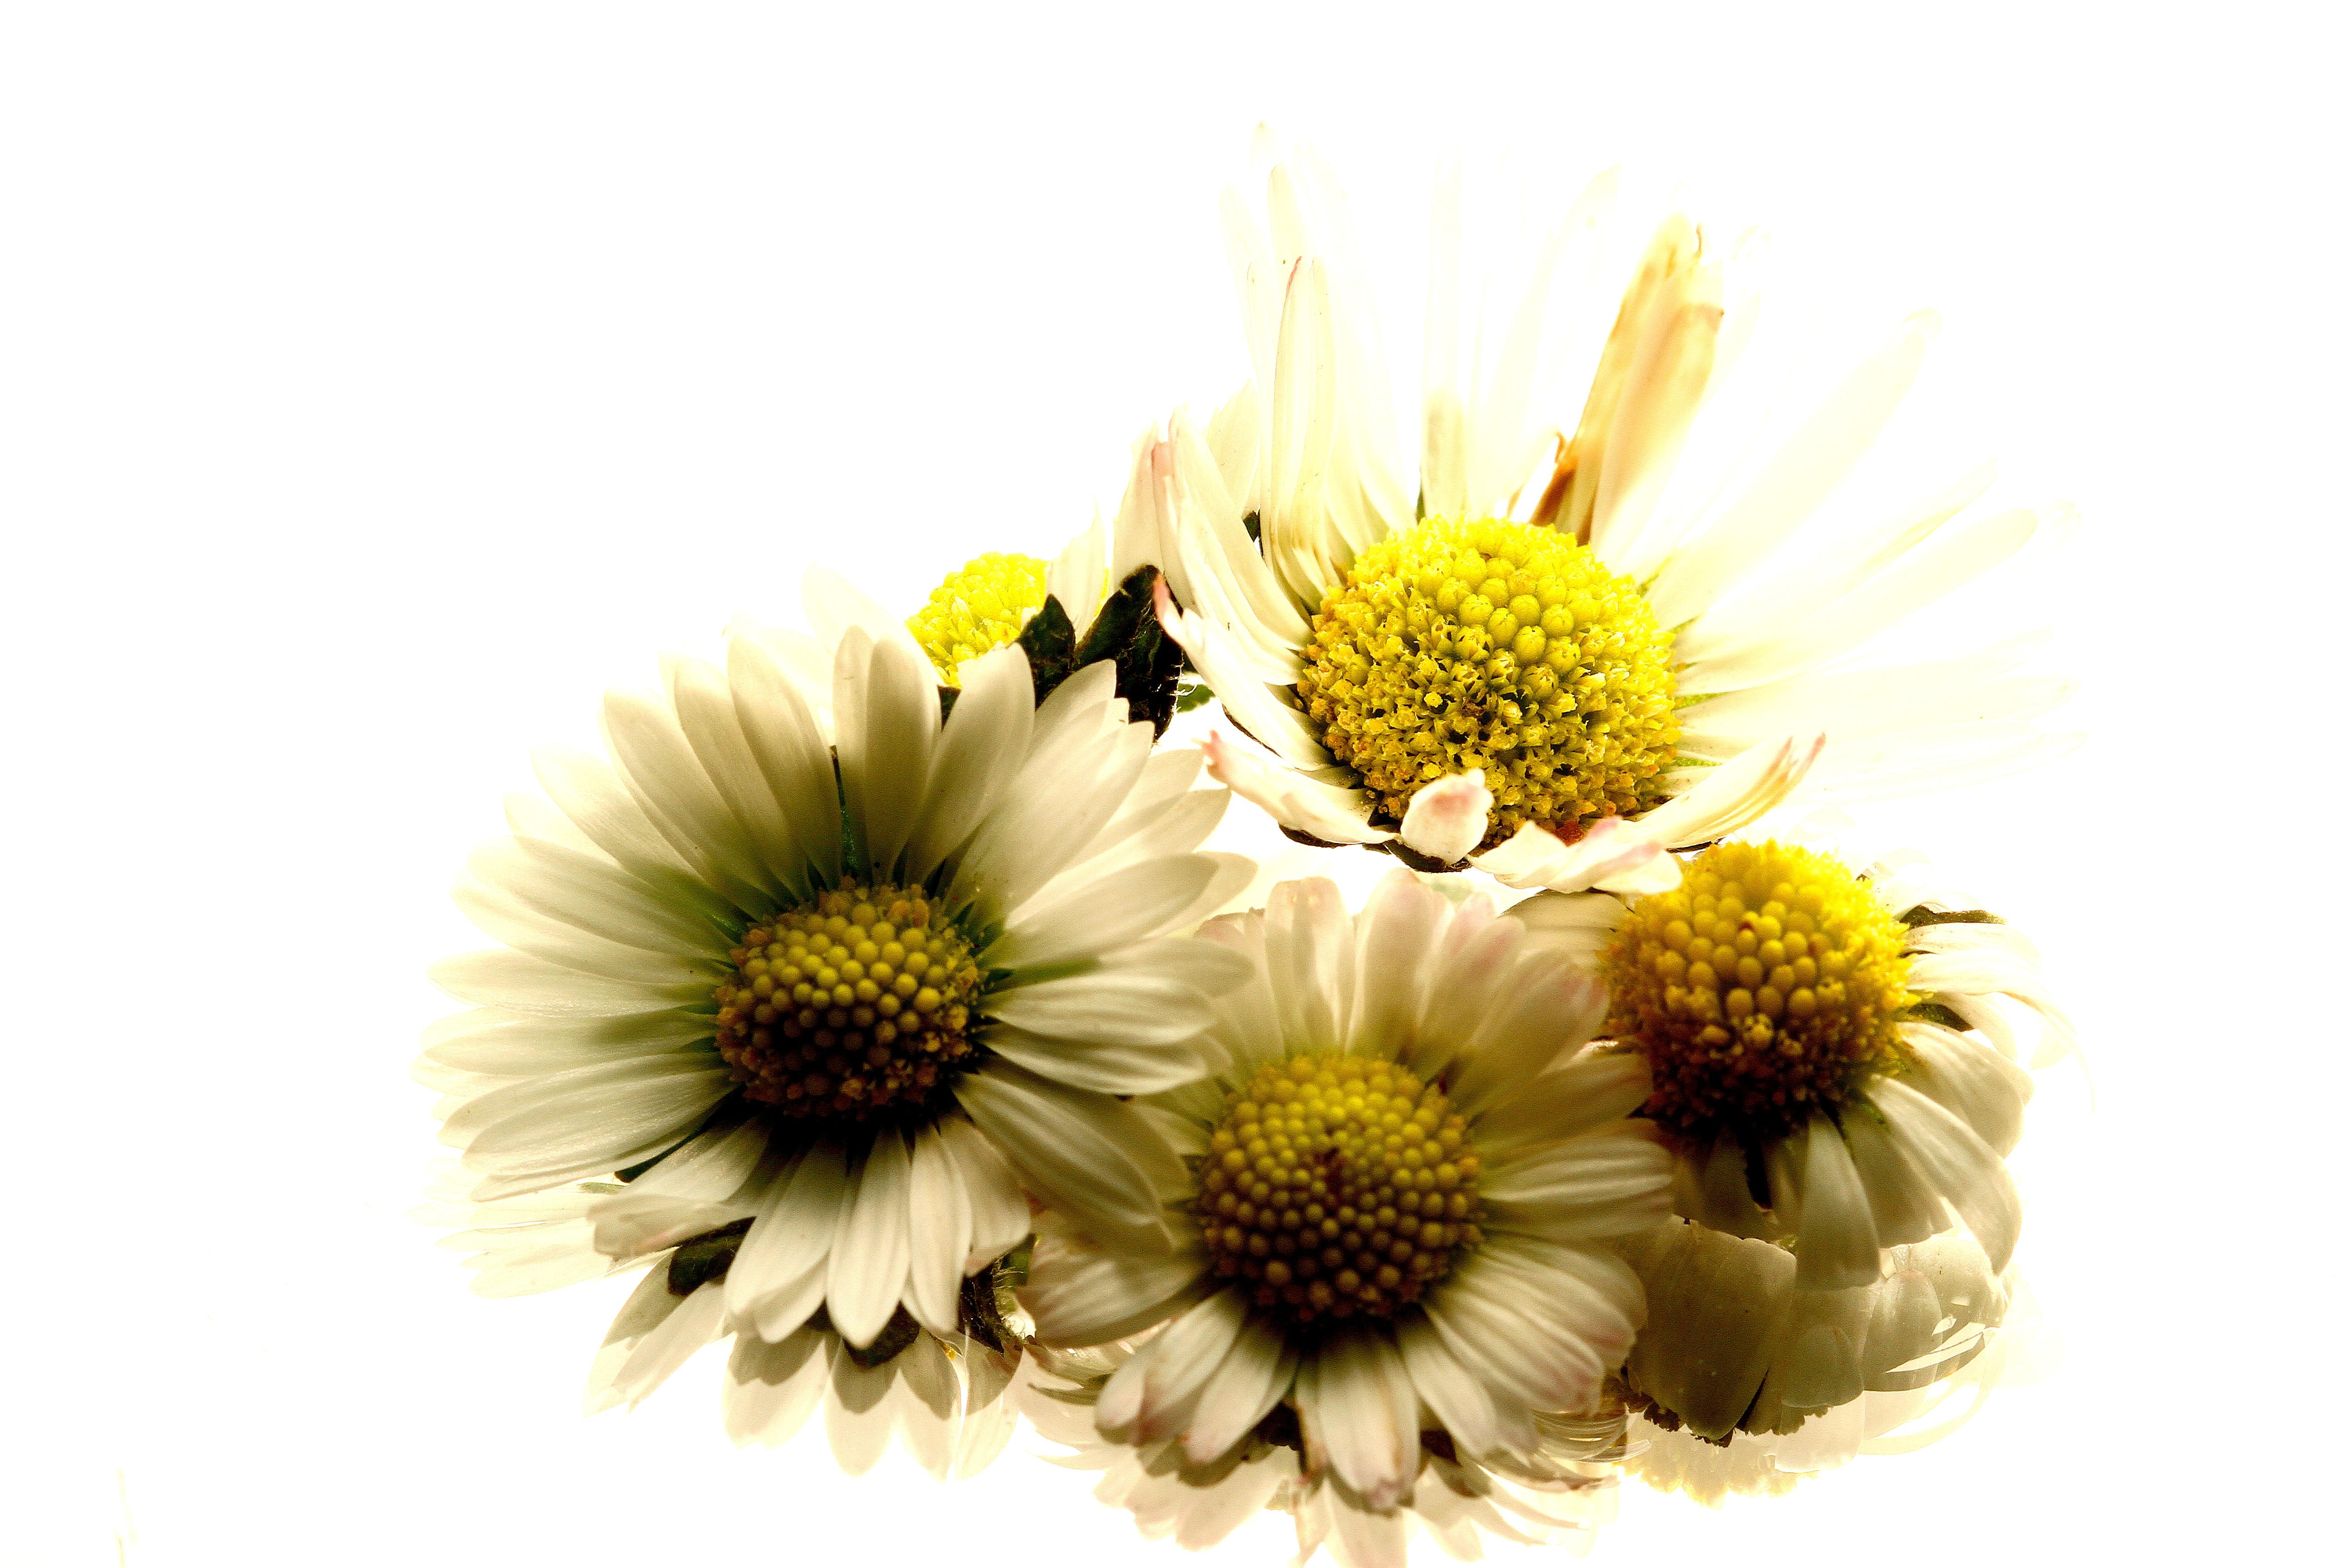 デスクトップ壁紙 自然 マクロ 黄 花粉 光 ひまわり ミロー